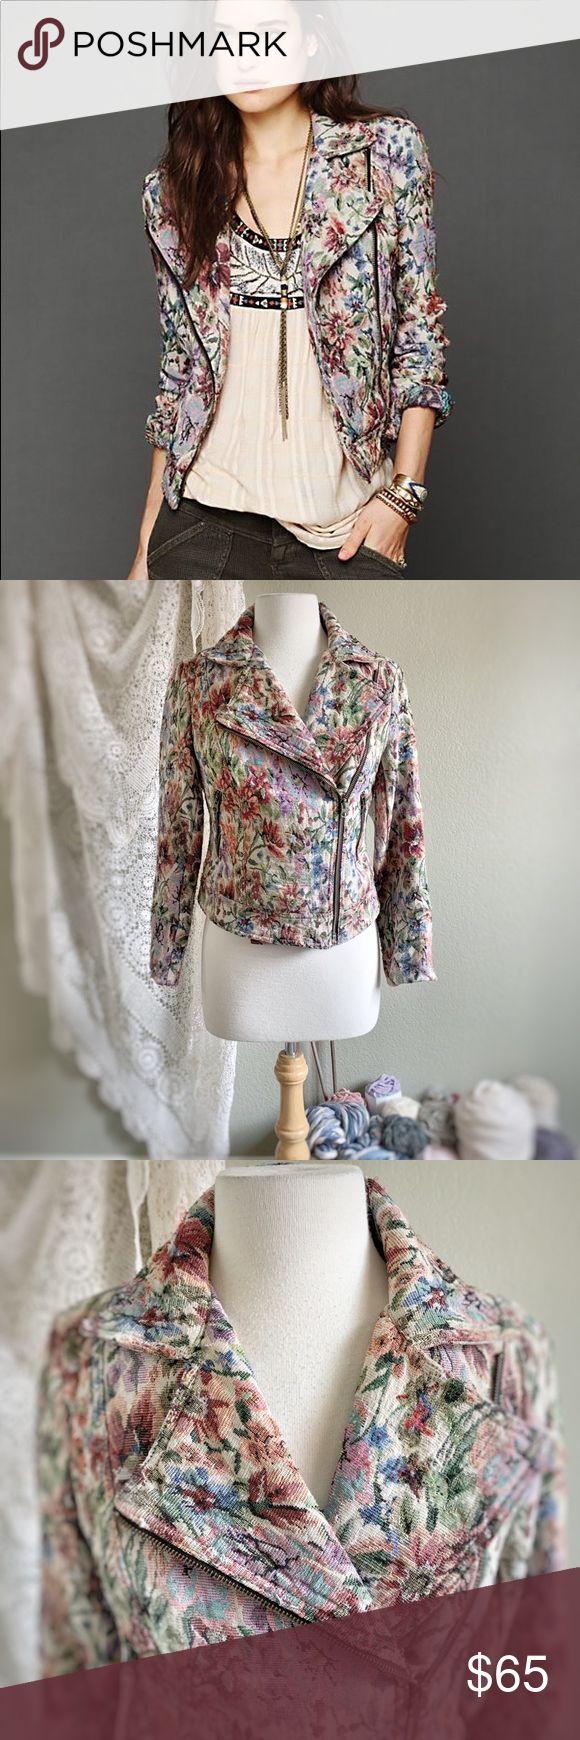 FREIE MENSCHEN Floral Tapestry Moto Jacket Free People – Größe 6 Wunderschöne …   – My Posh Picks